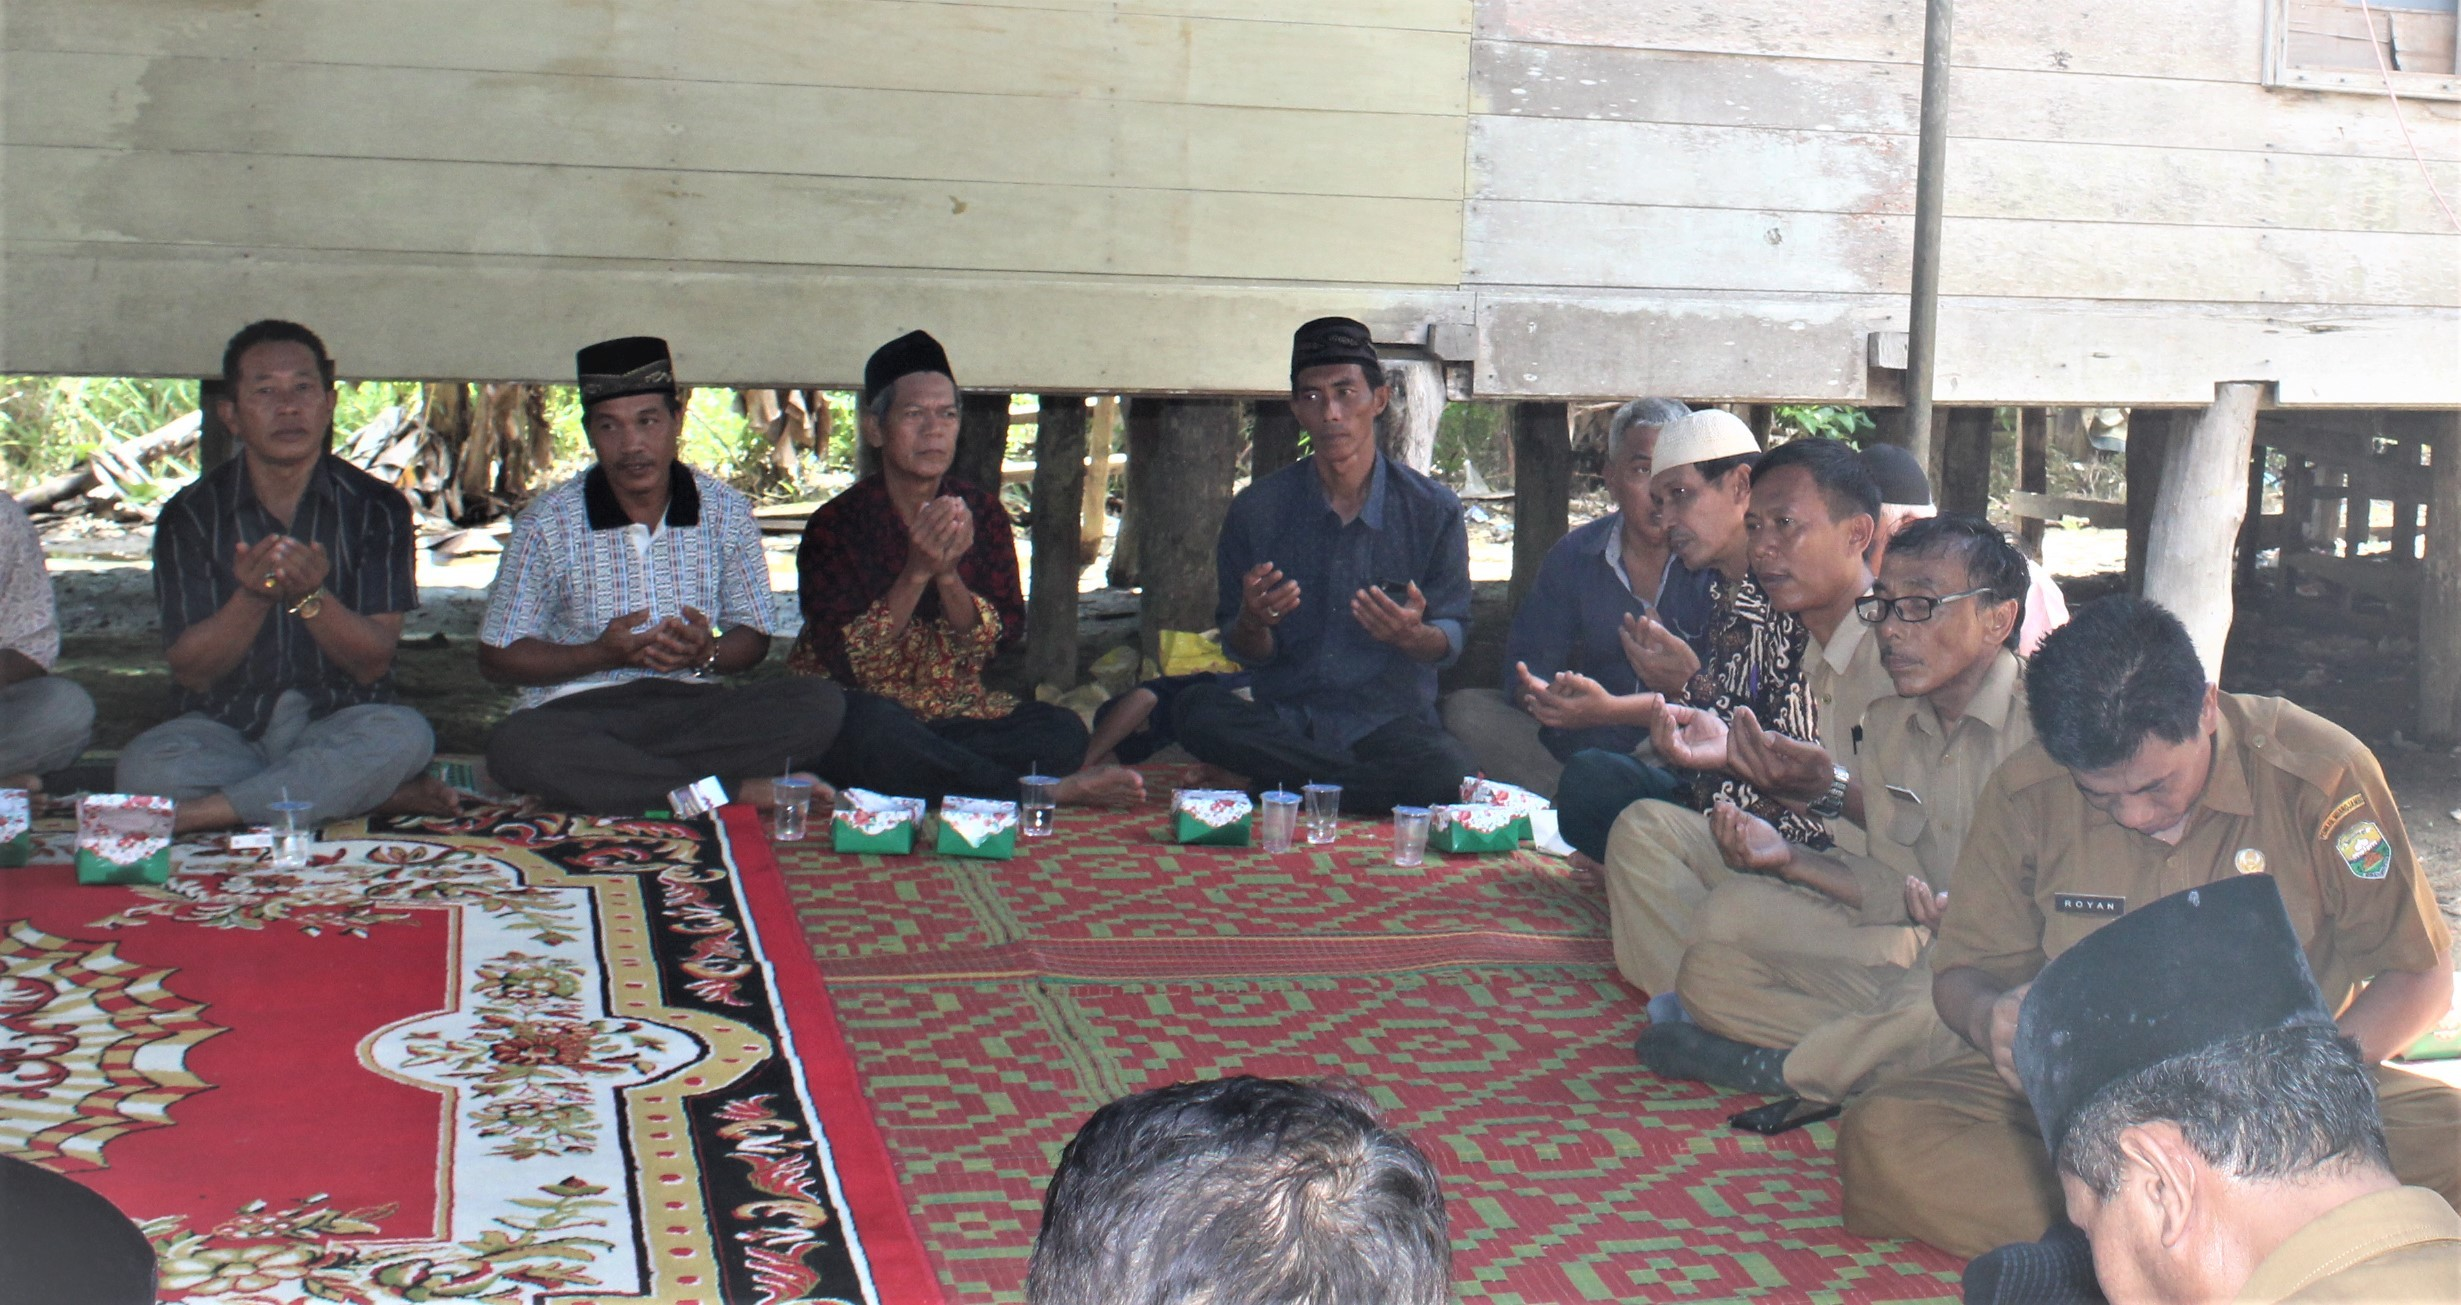 Kadis Kominfo Menghadiri Penyerahan Rumah hasil Program Bedah Rumah di Kelurahan Sengeti